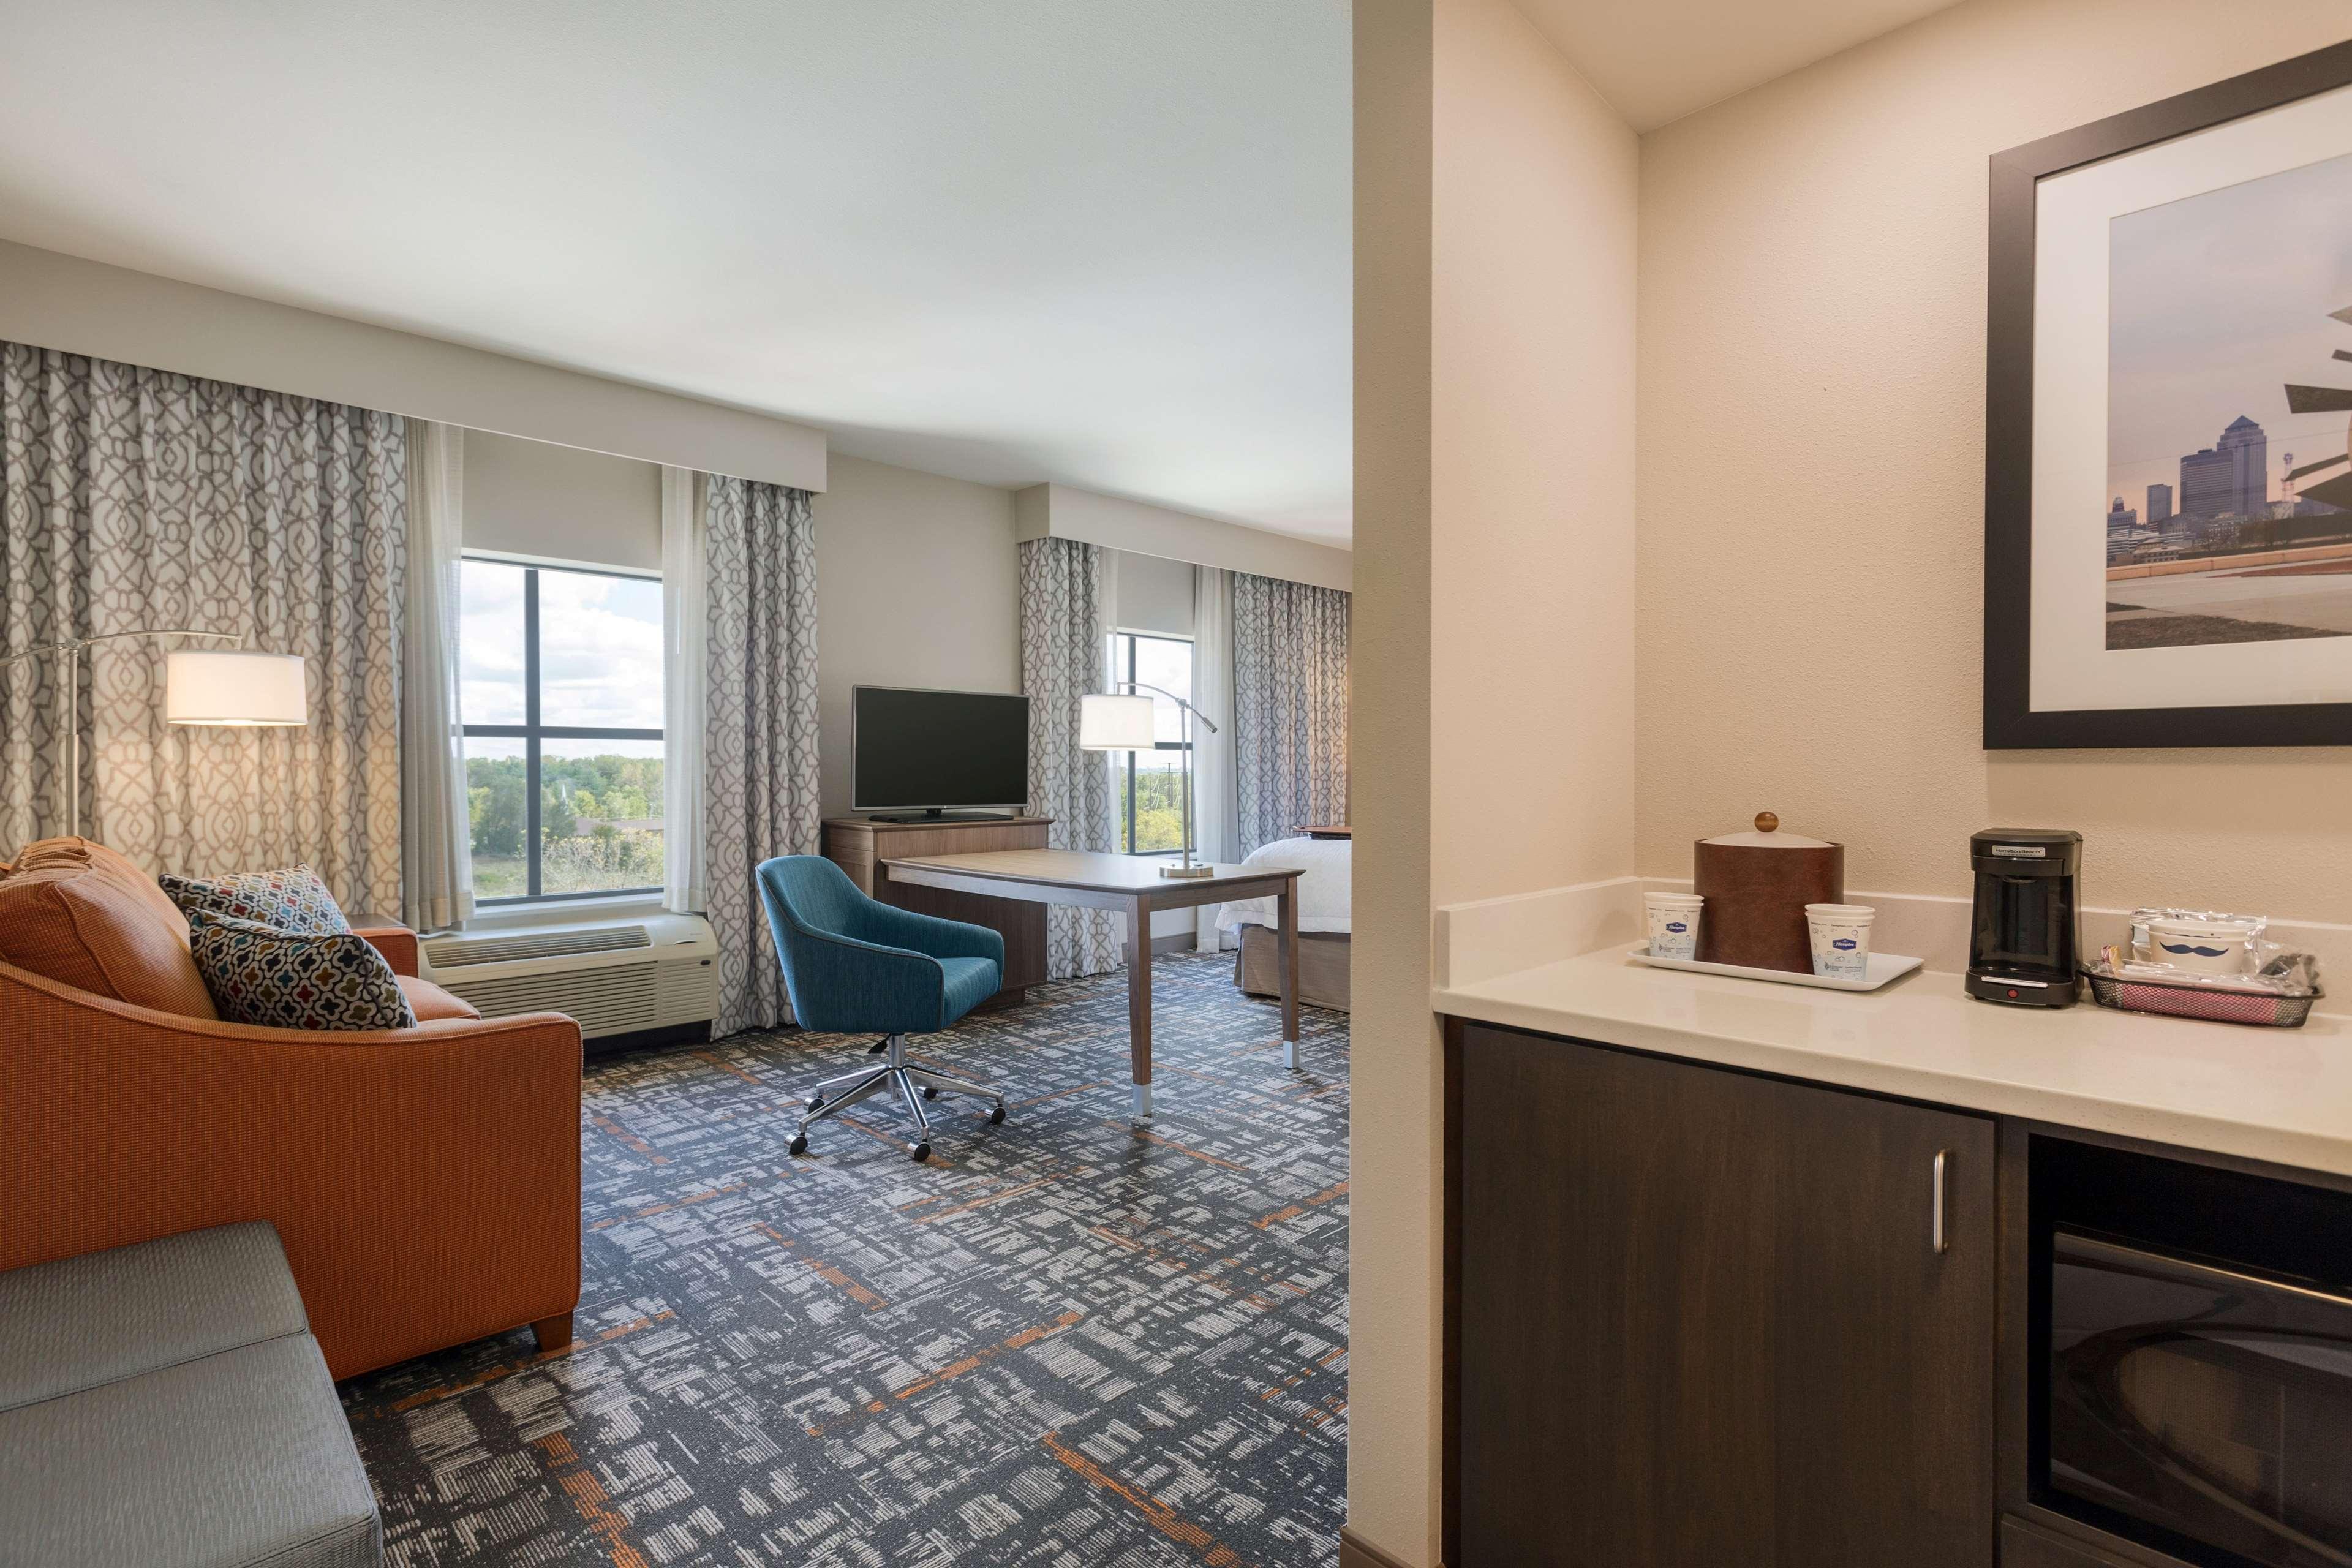 Hampton Inn & Suites West Des Moines/SW Mall Area image 15